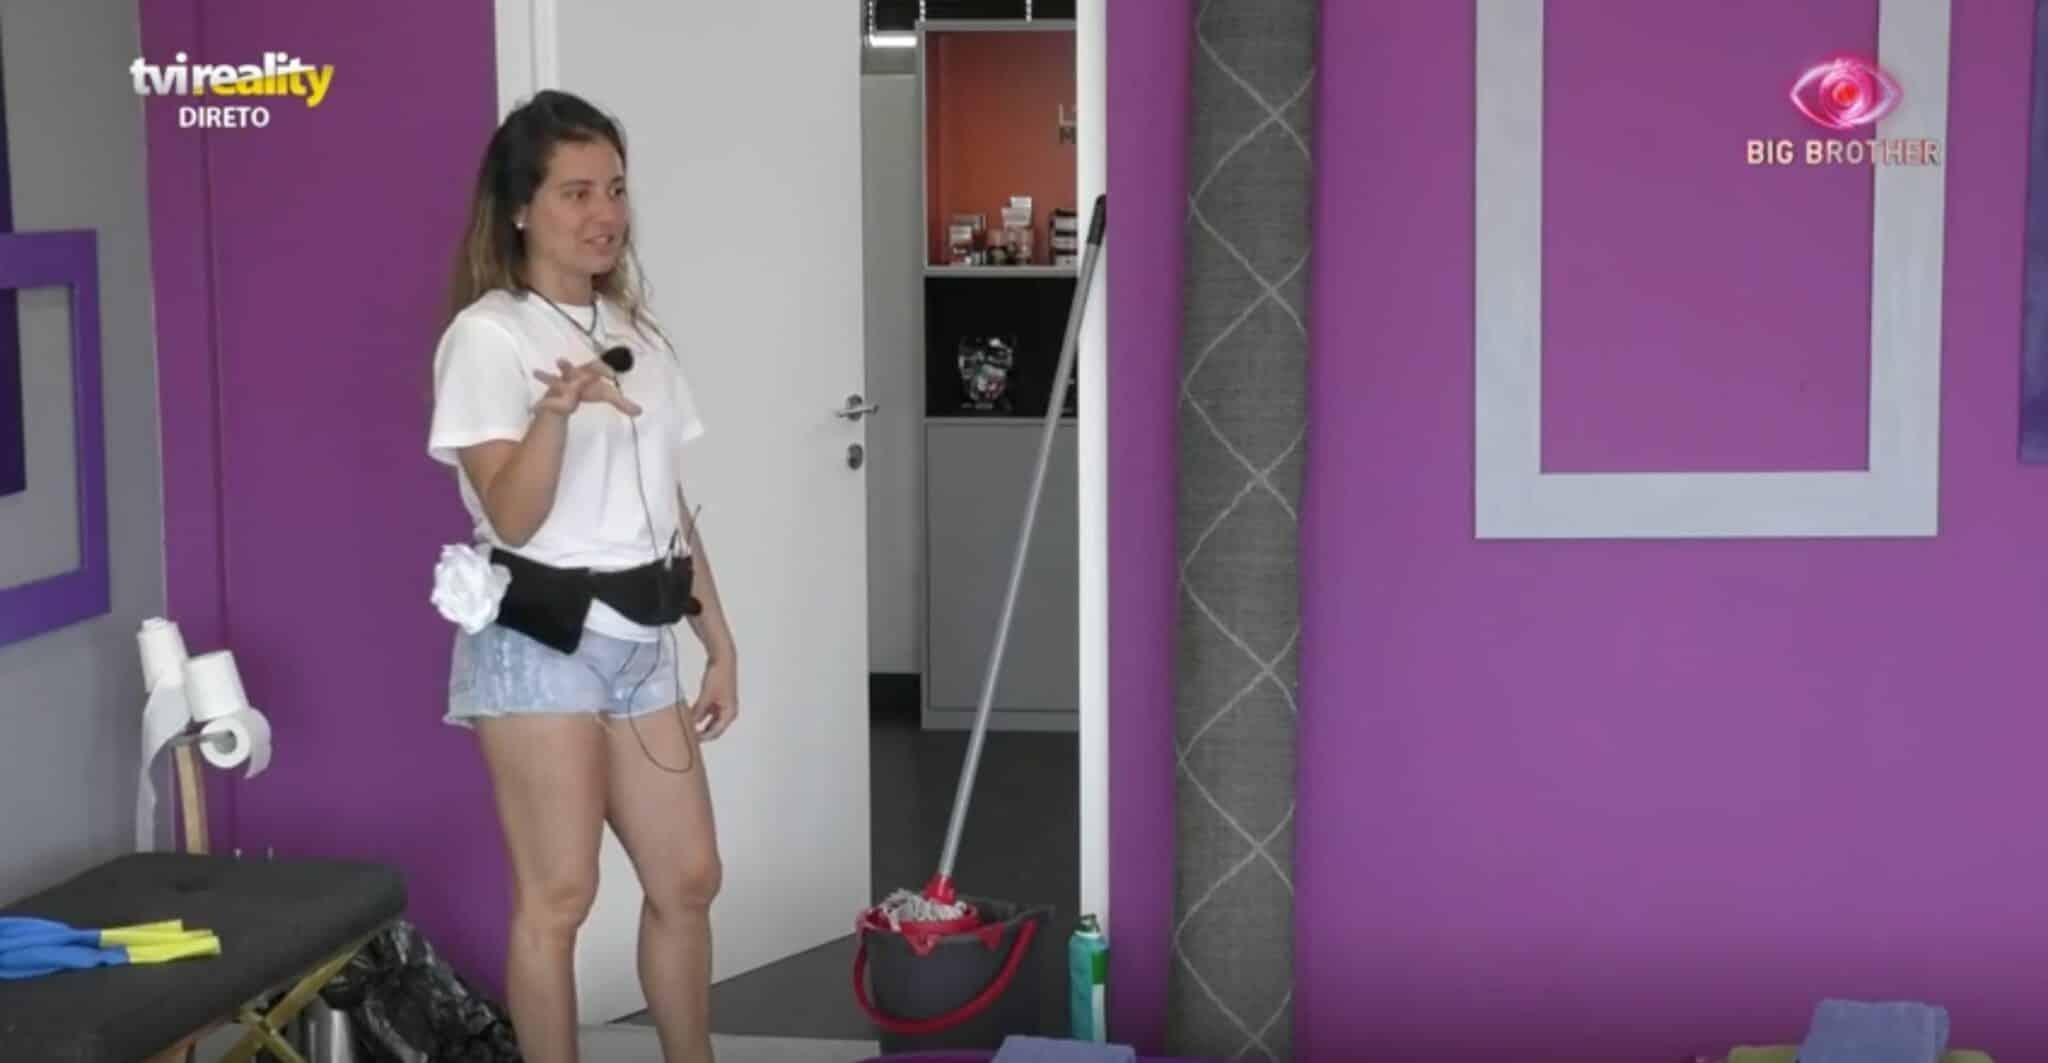 Big Brother Ana Catharina 1 Scaled Big Brother. Ana Catharina Teve Caso Com Desconhecido: &Quot;Nunca Ia Saber Quem Era O Pai&Quot;